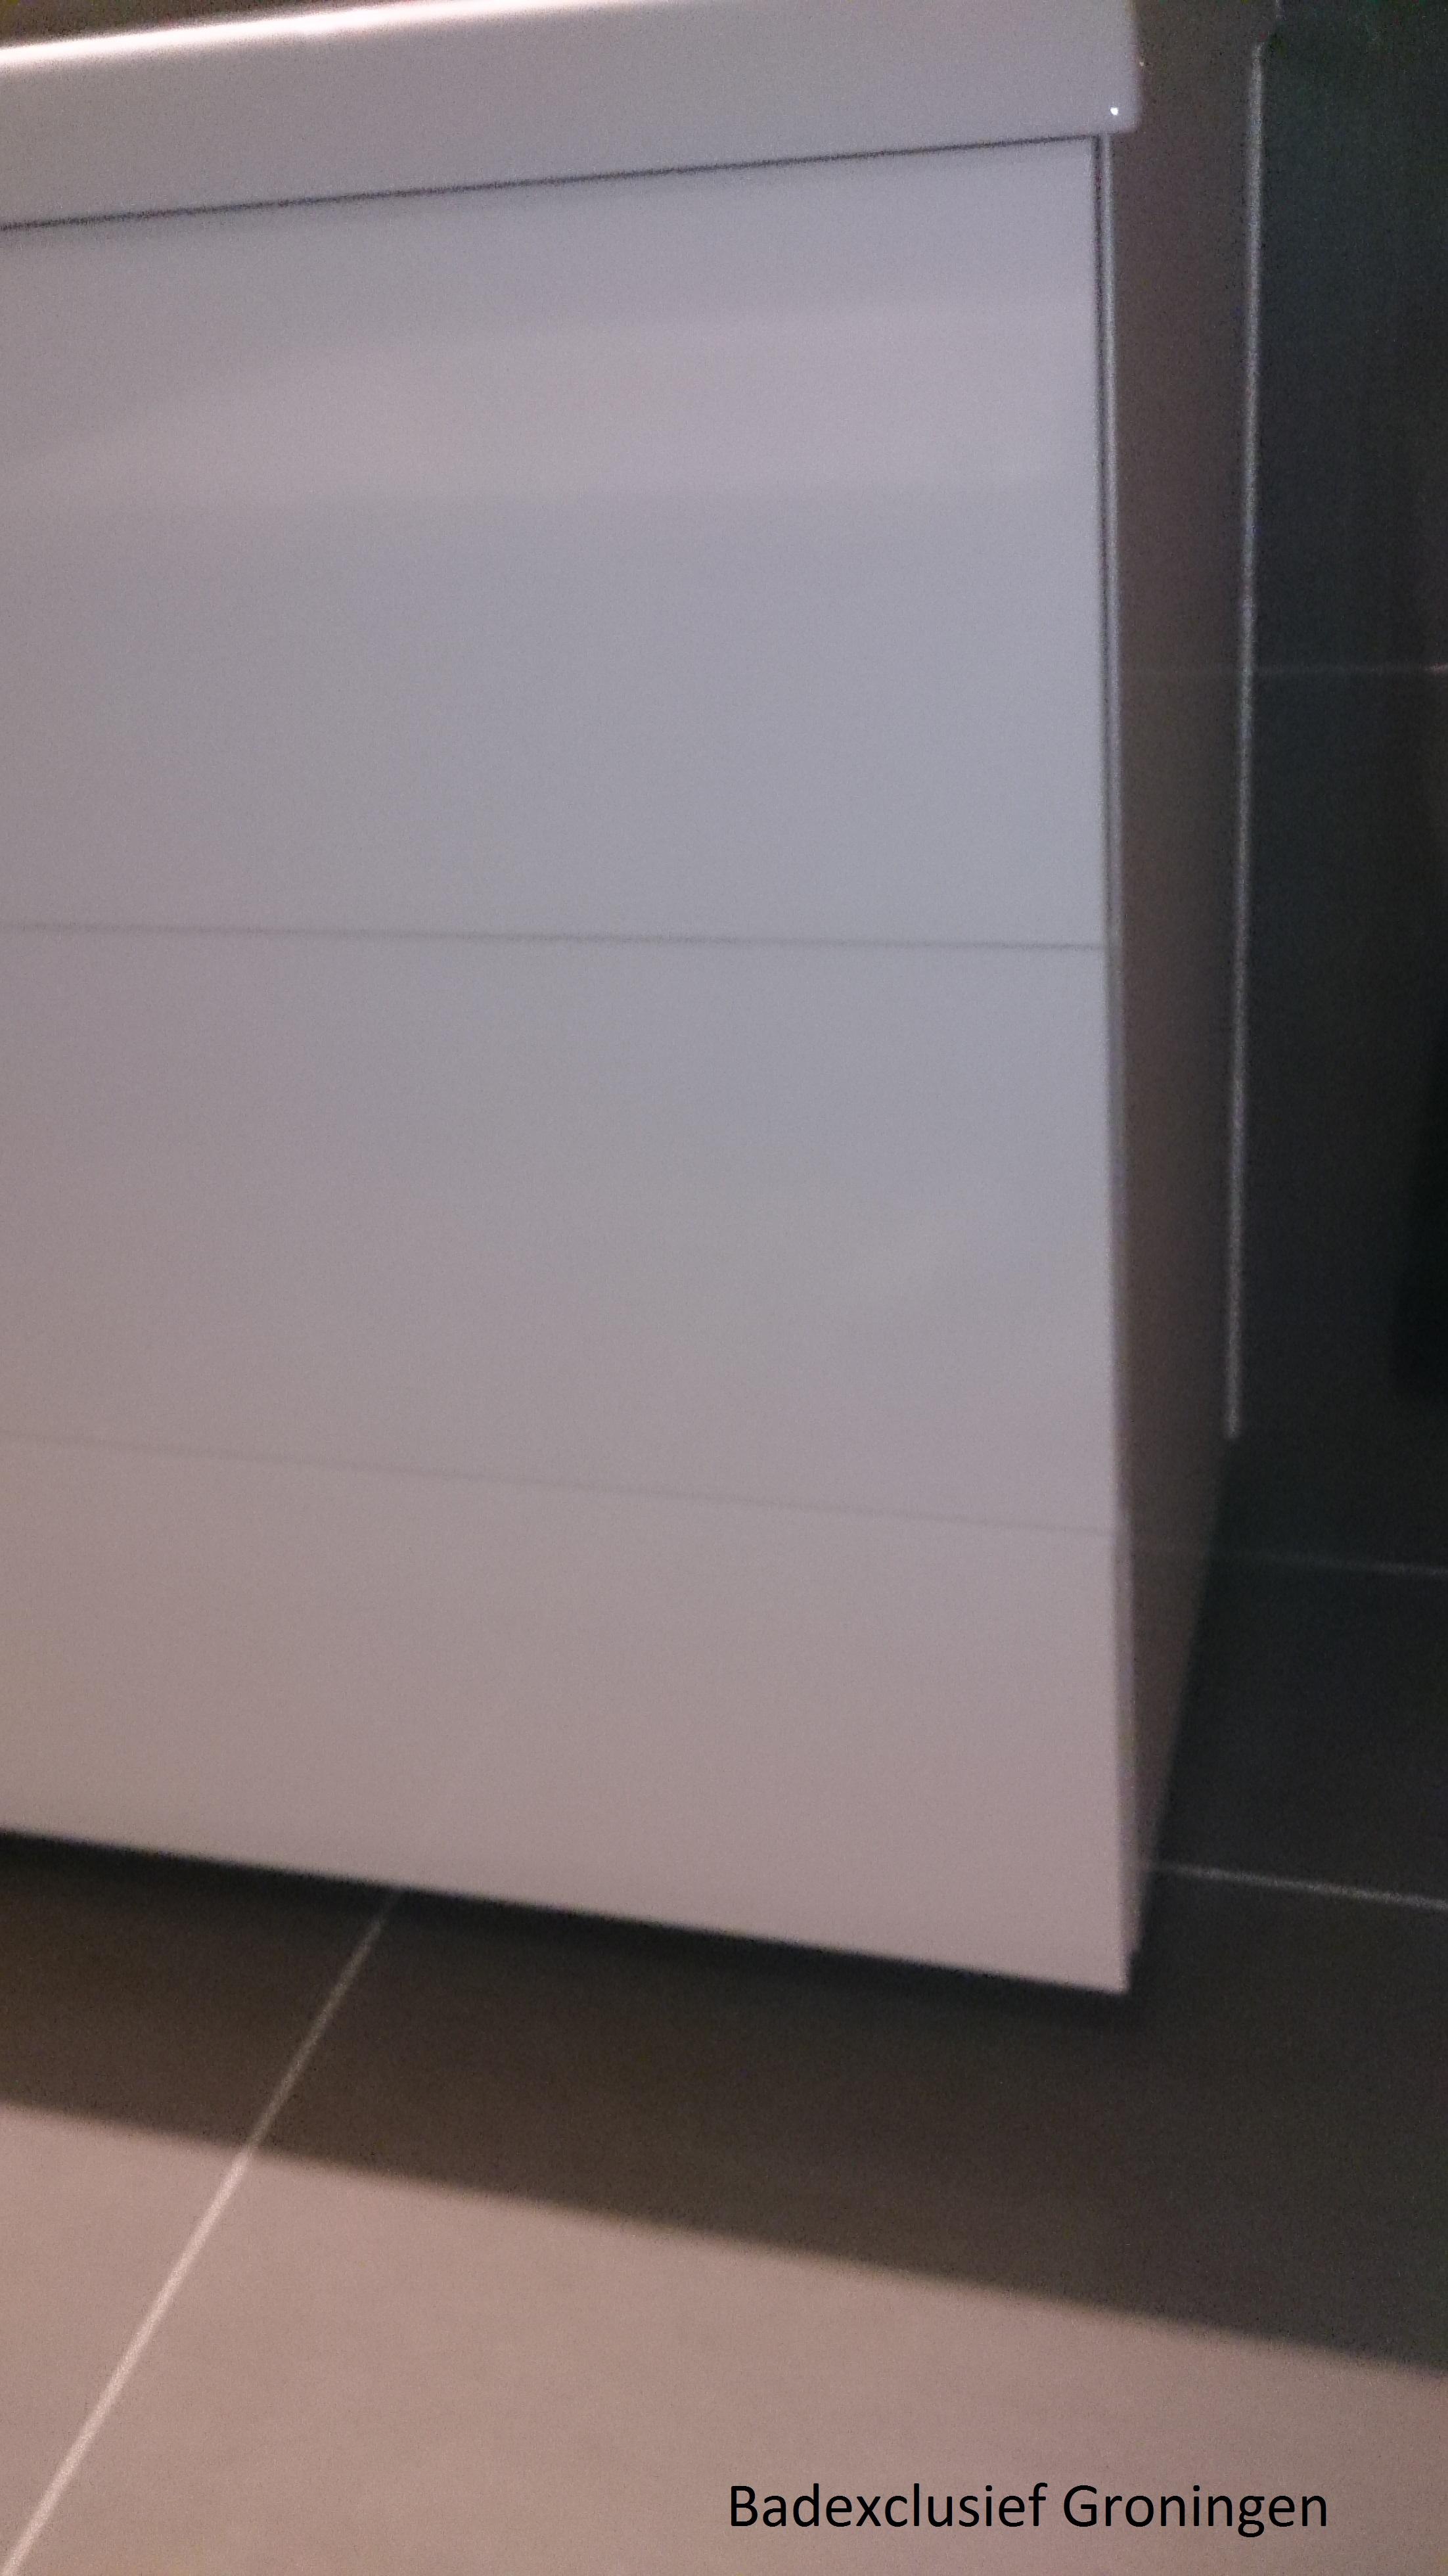 badexclusief , dé badkamerarchitect voor uw luxe badkamer.